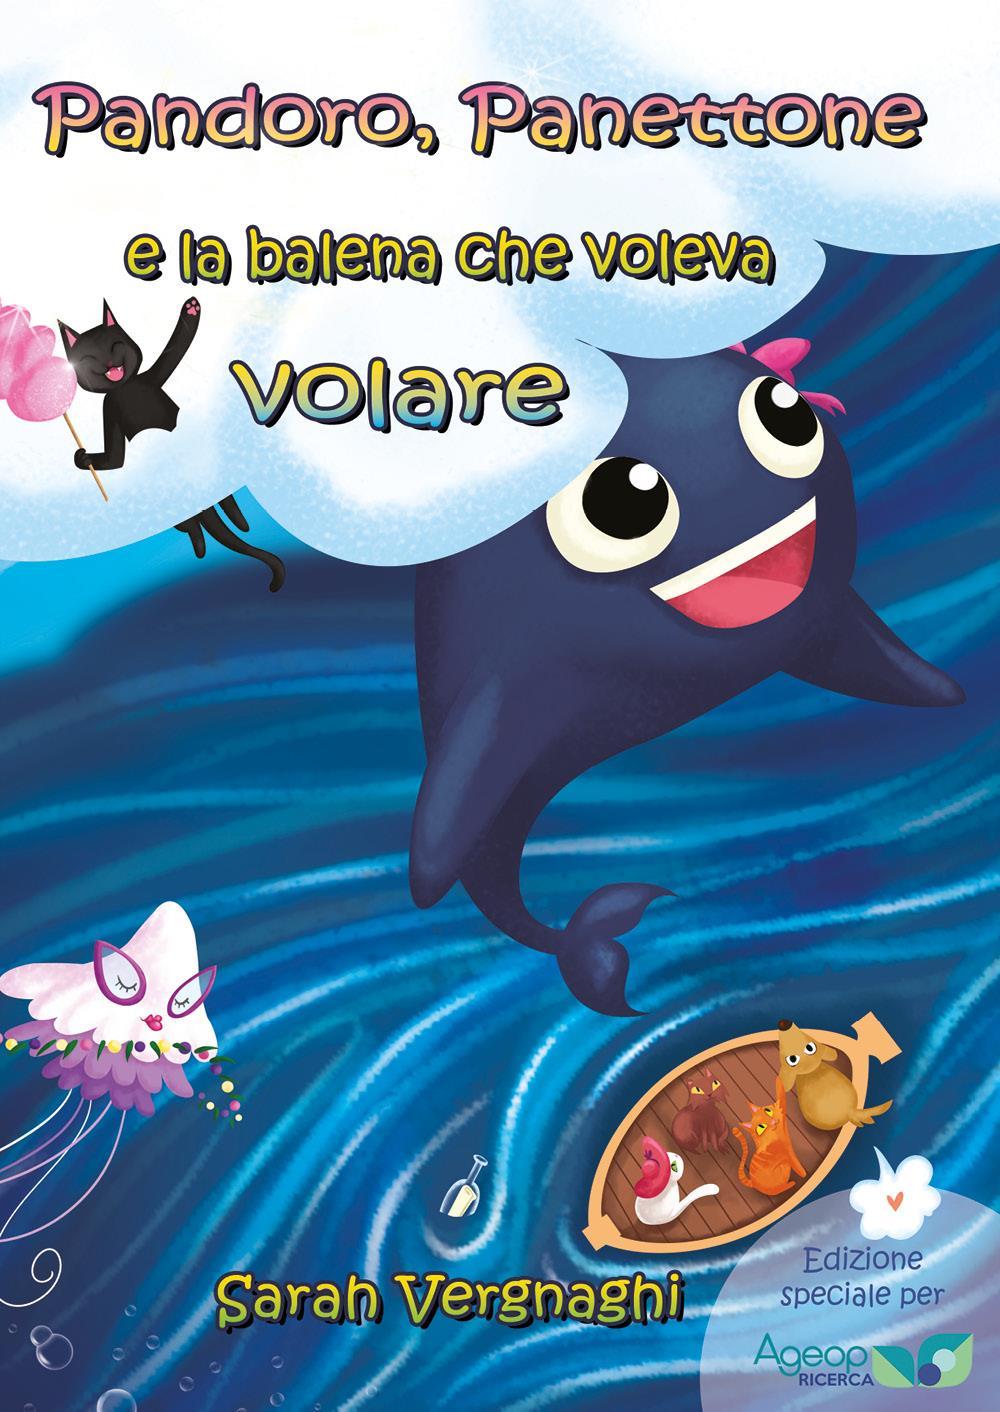 Pandoro, Panettone e la balena che voleva volare